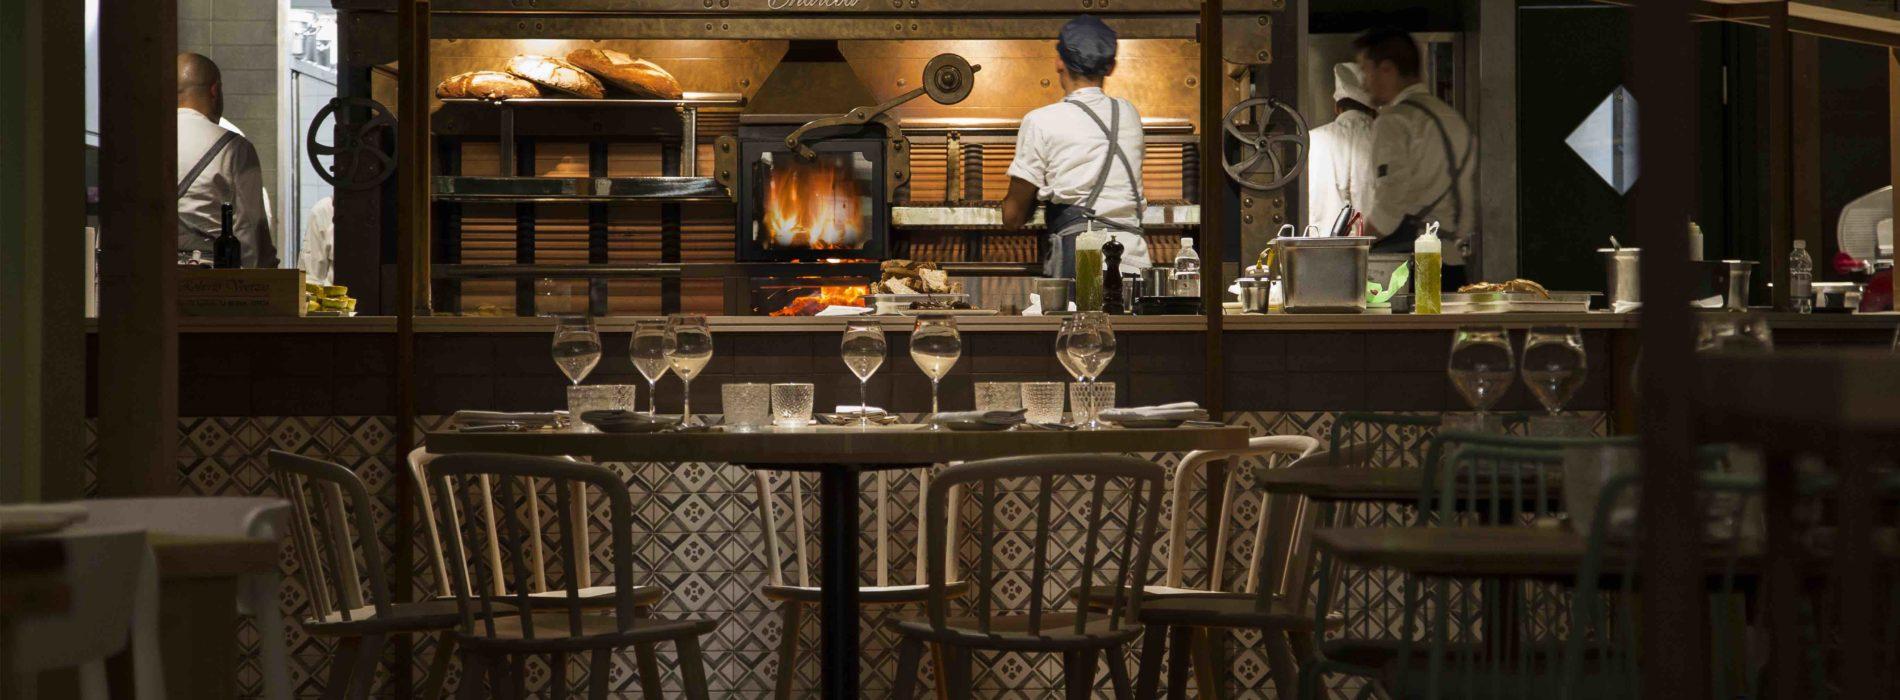 Terra Roma Eataly, menu e prezzi del nuovo ristorante con griglia